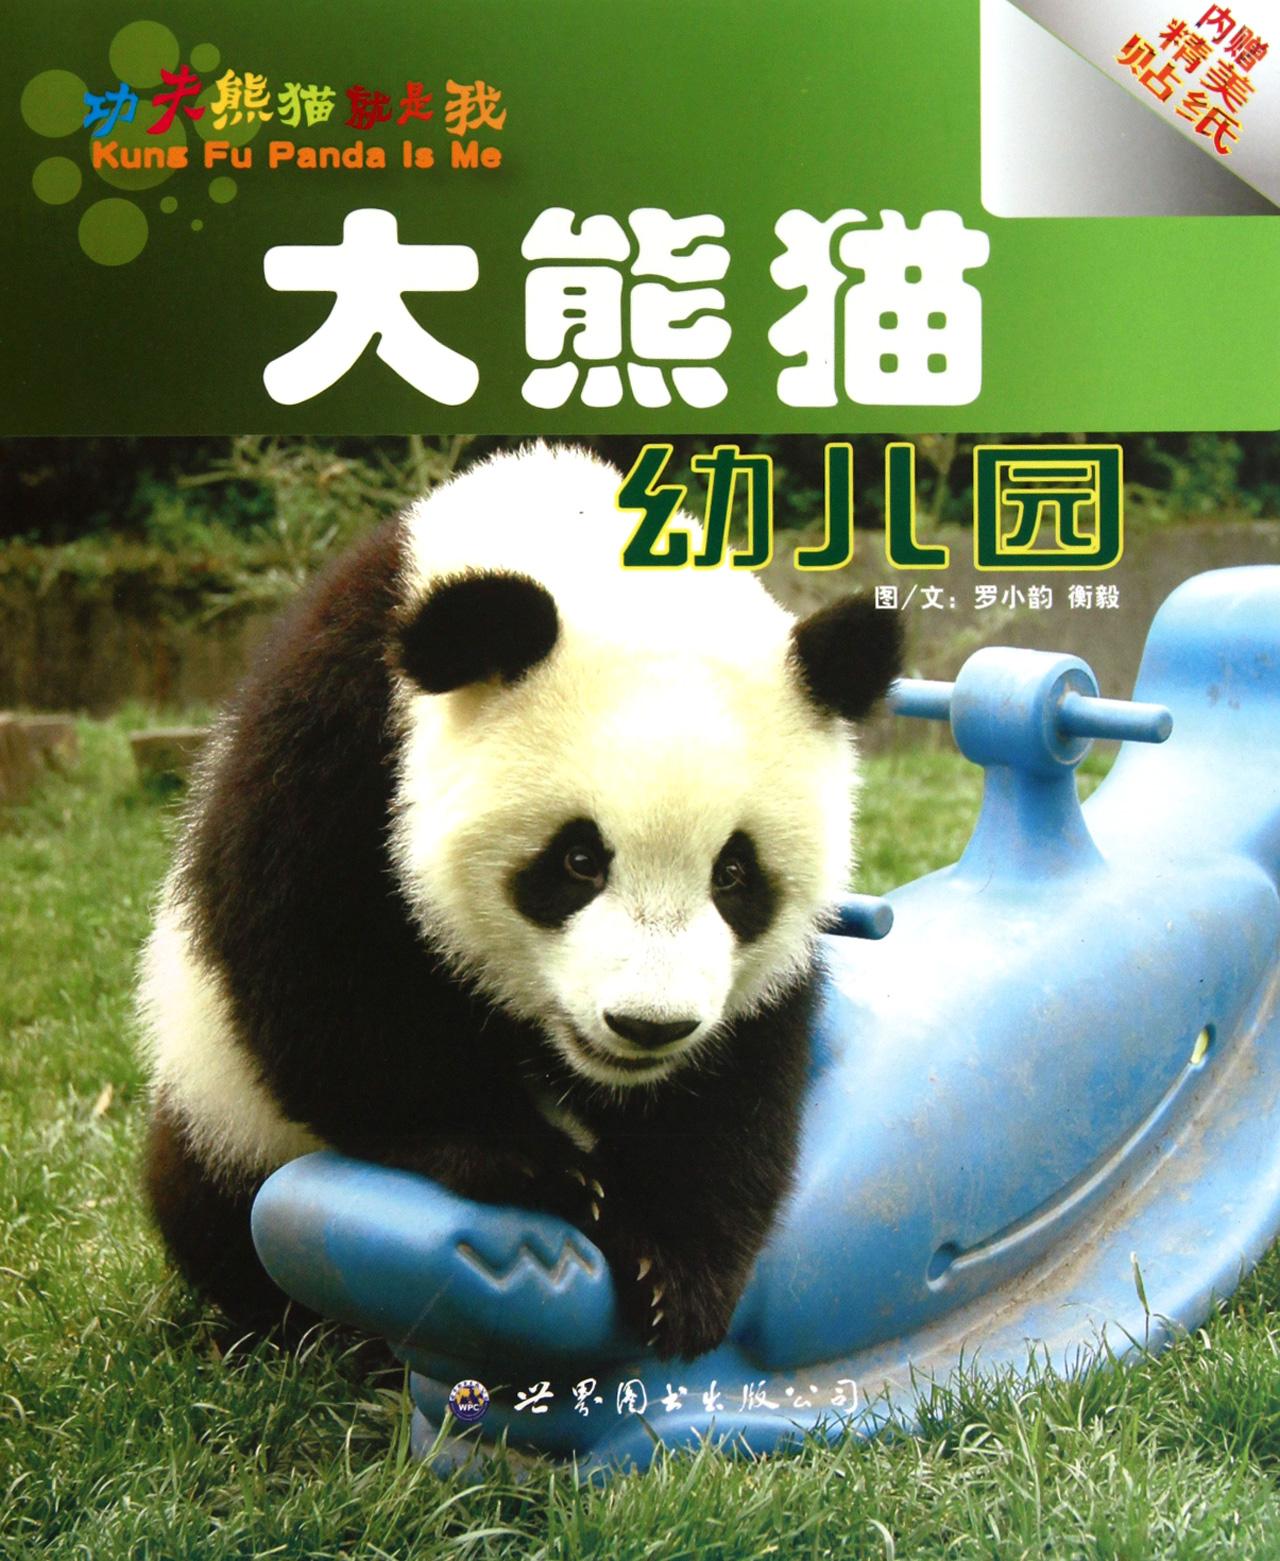 大熊猫幼儿园(功夫熊猫就是我)